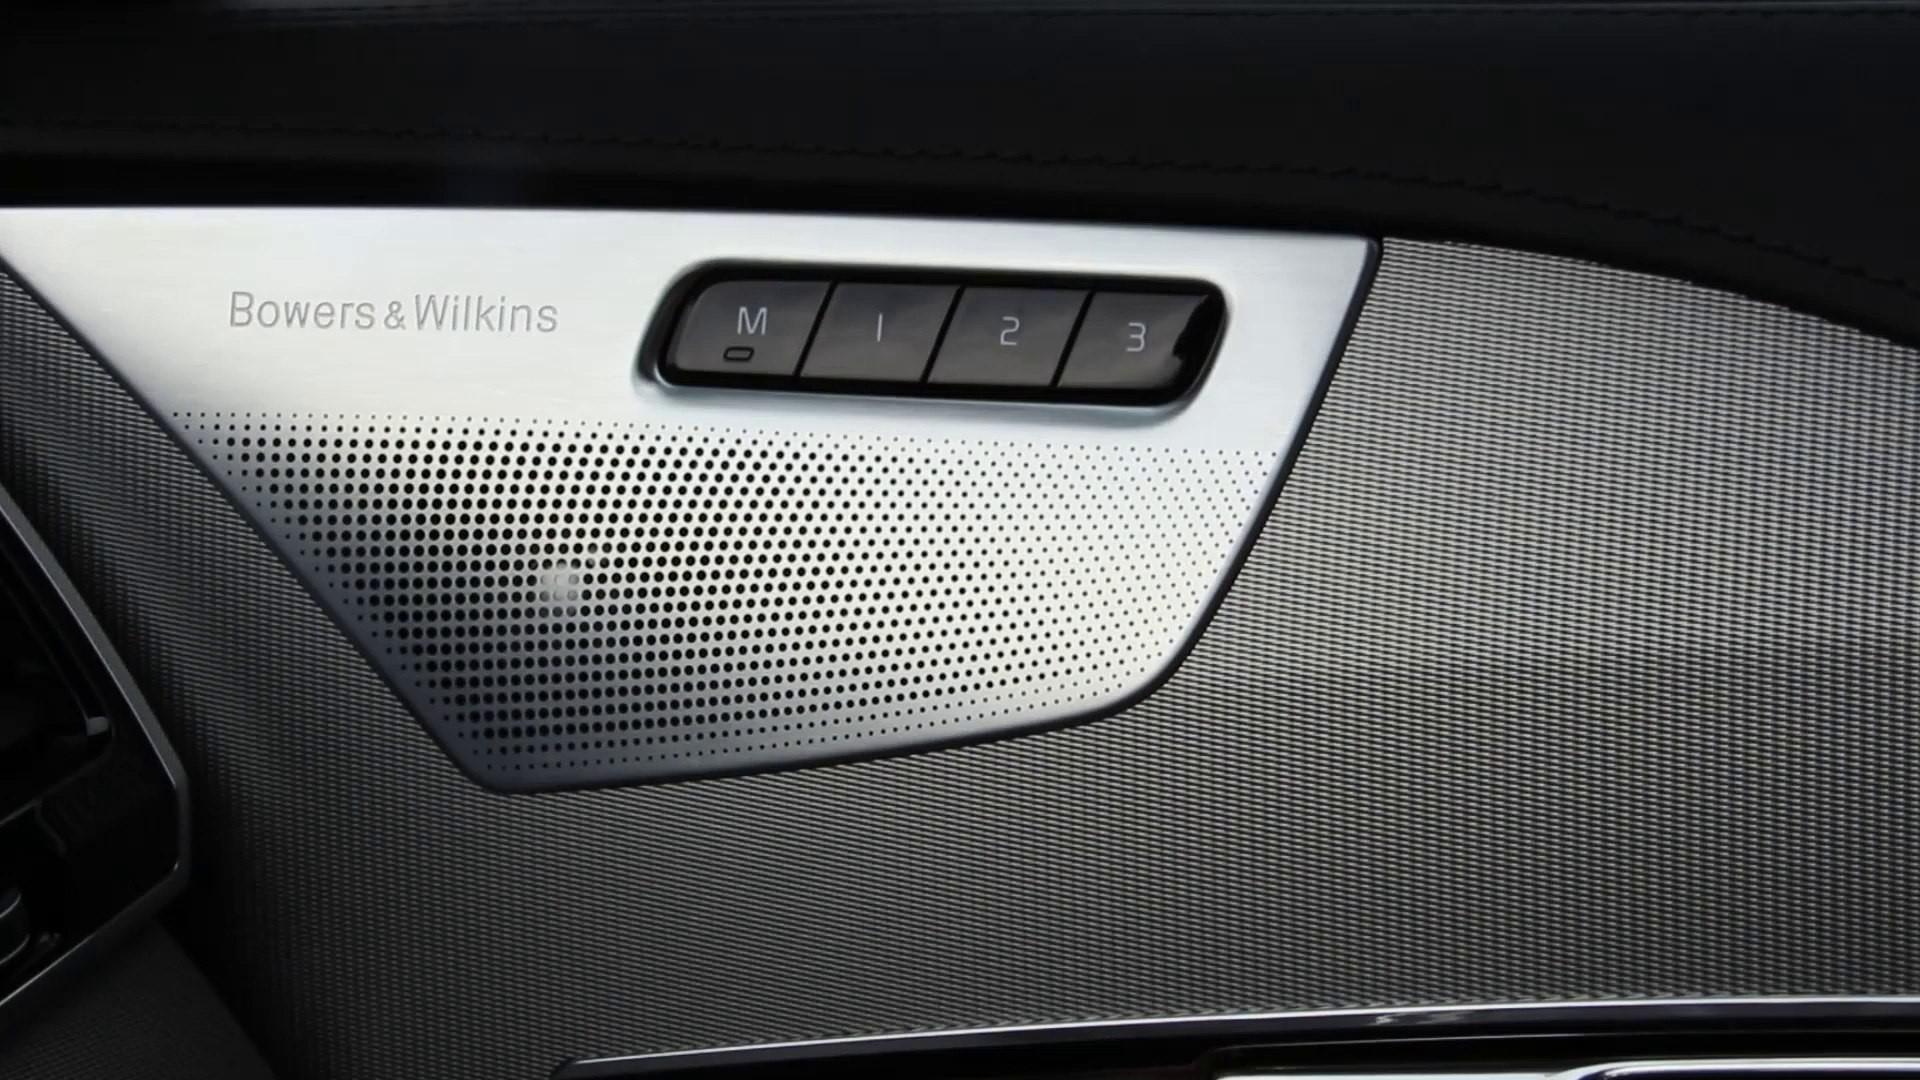 5-systemes-audio-haut-de-gamme-pour-voitures-1241-1.jpg